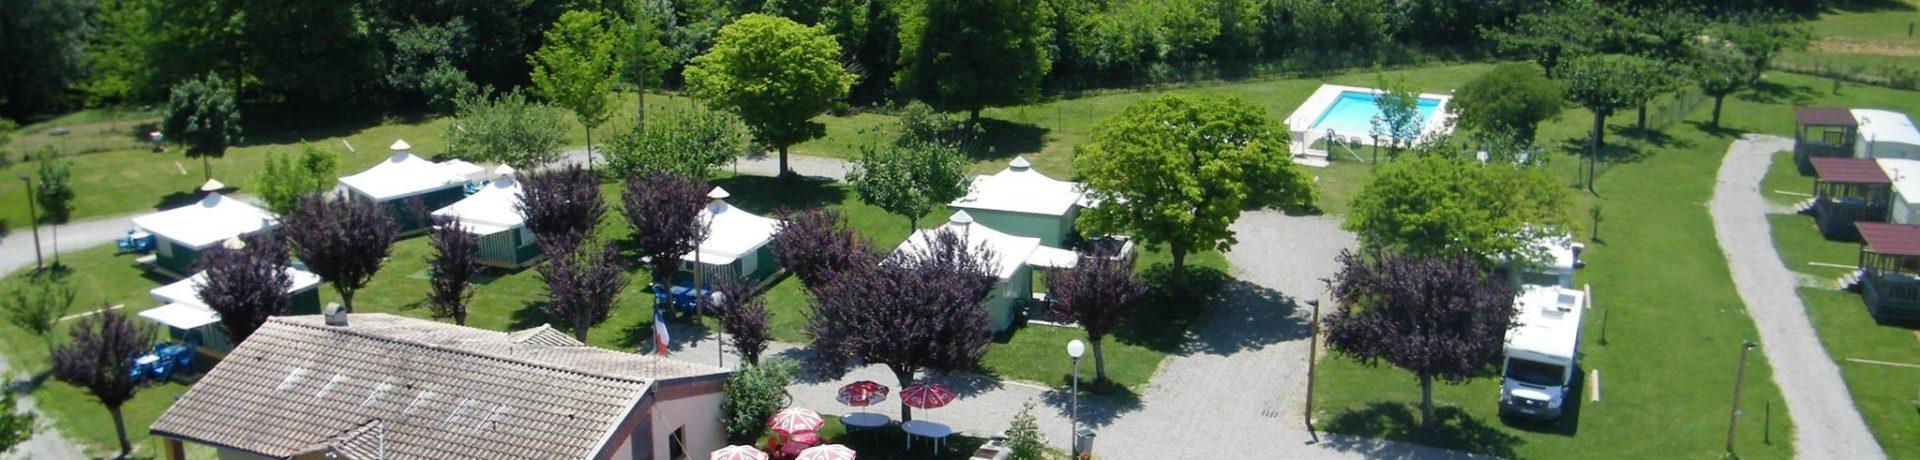 Camping Les Eychecadous is een heerlijke natuurcamping in Artigat aan een rivier in de regio/provincie Midi-Pyrénées met 36 kampeerplaatsen en 3 huuraccommodaties.